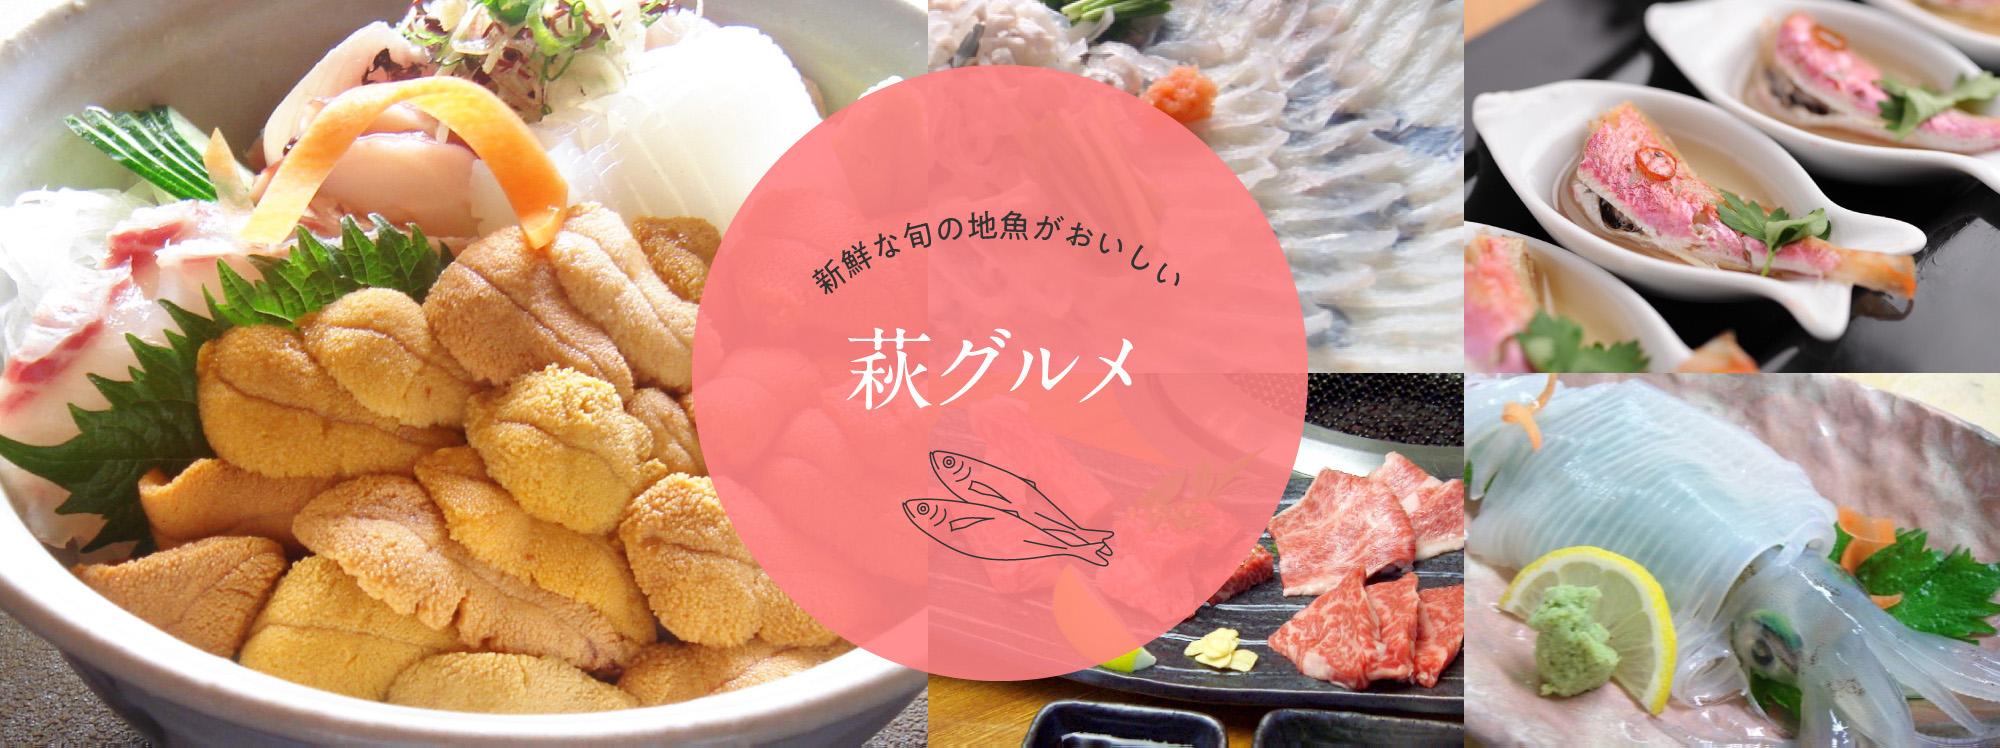 画像:新鮮な旬の地魚がおいしい